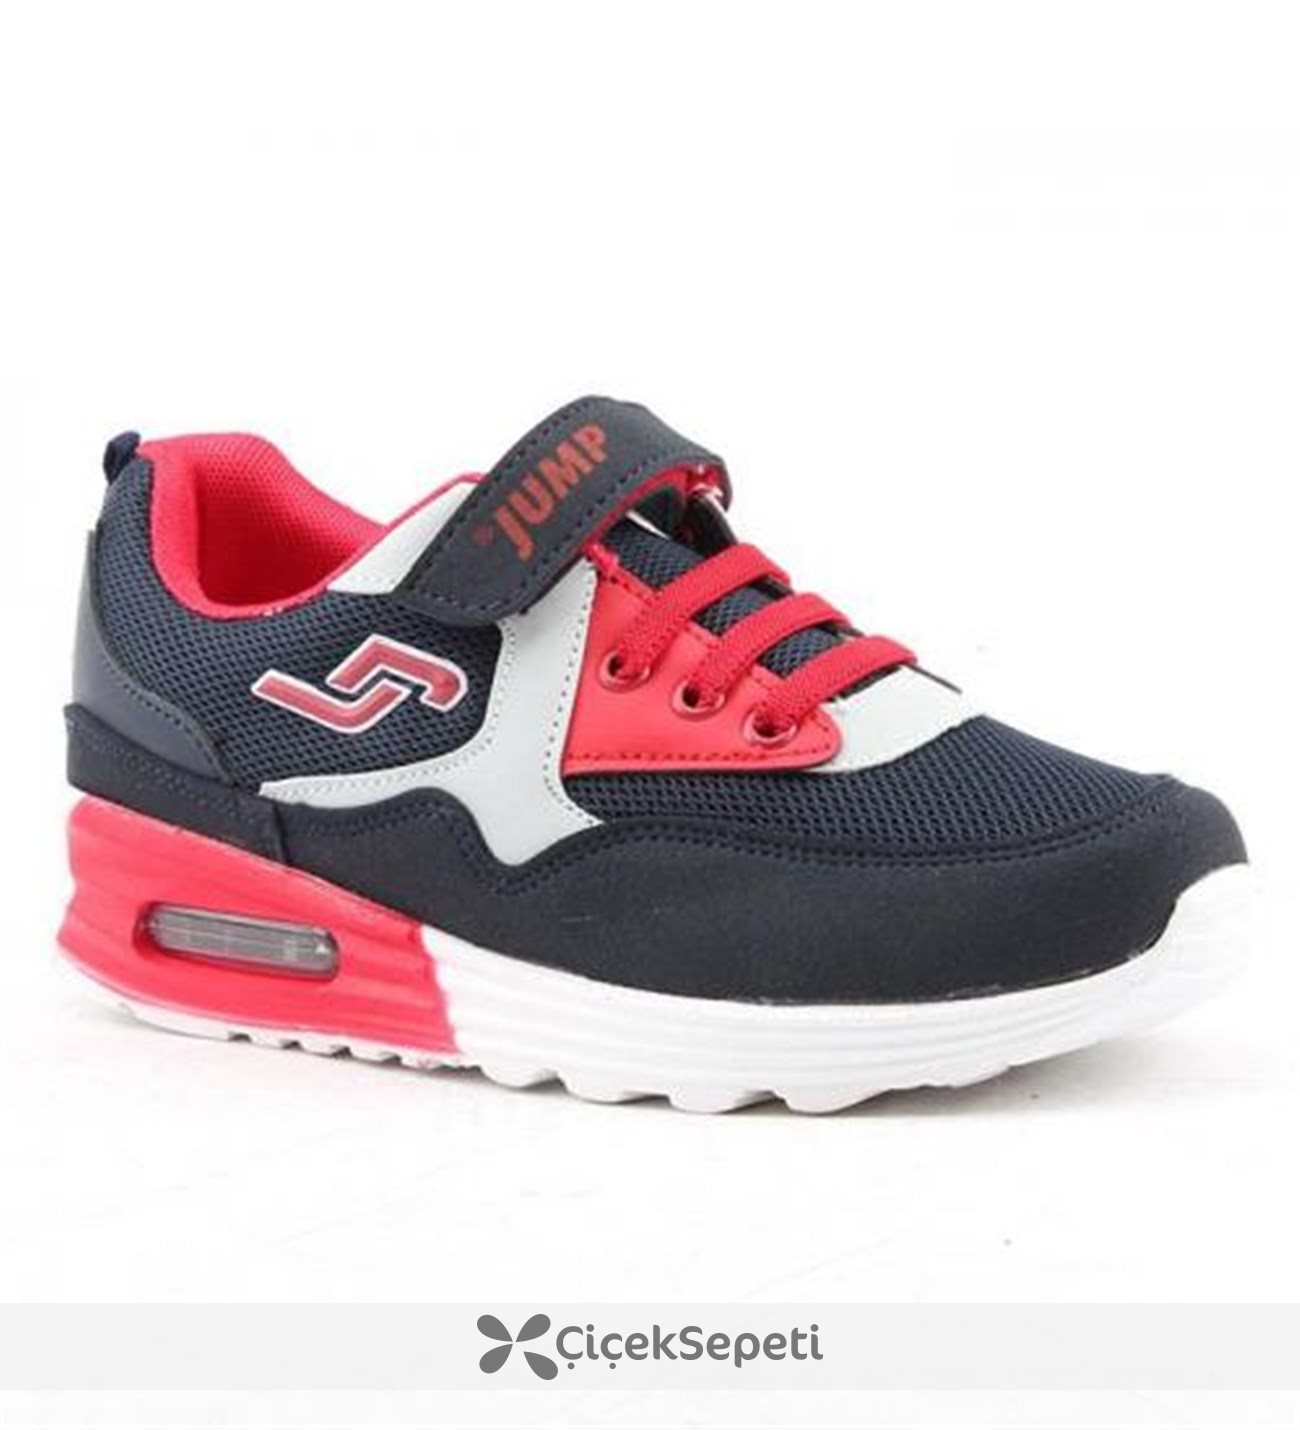 Jump 13083 Air Günlük Yürüyüş Koşu Erkek Çocuk Spor Ayakkabı Lacivert